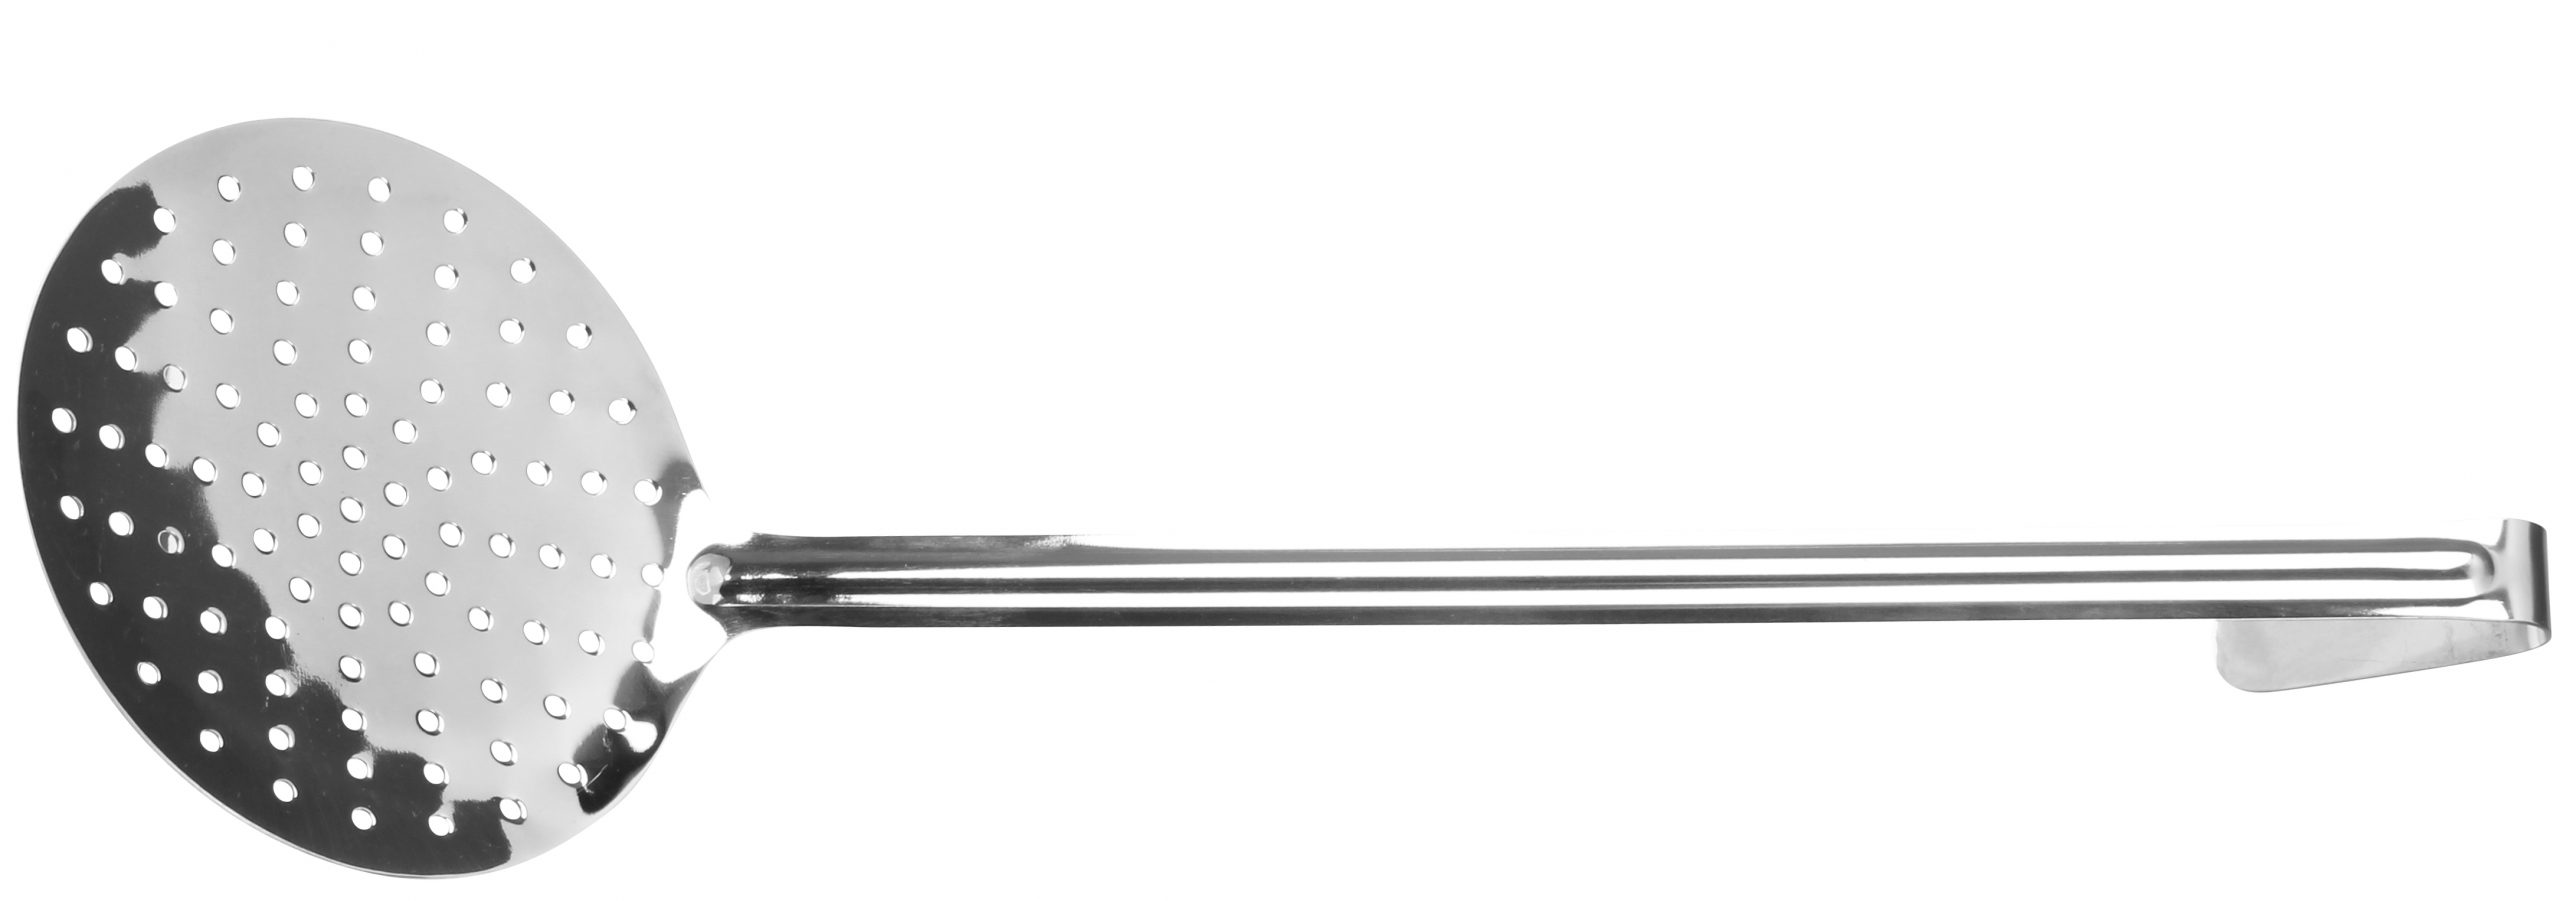 Abseihlöffel CALCULATE Ø 15cm hängb